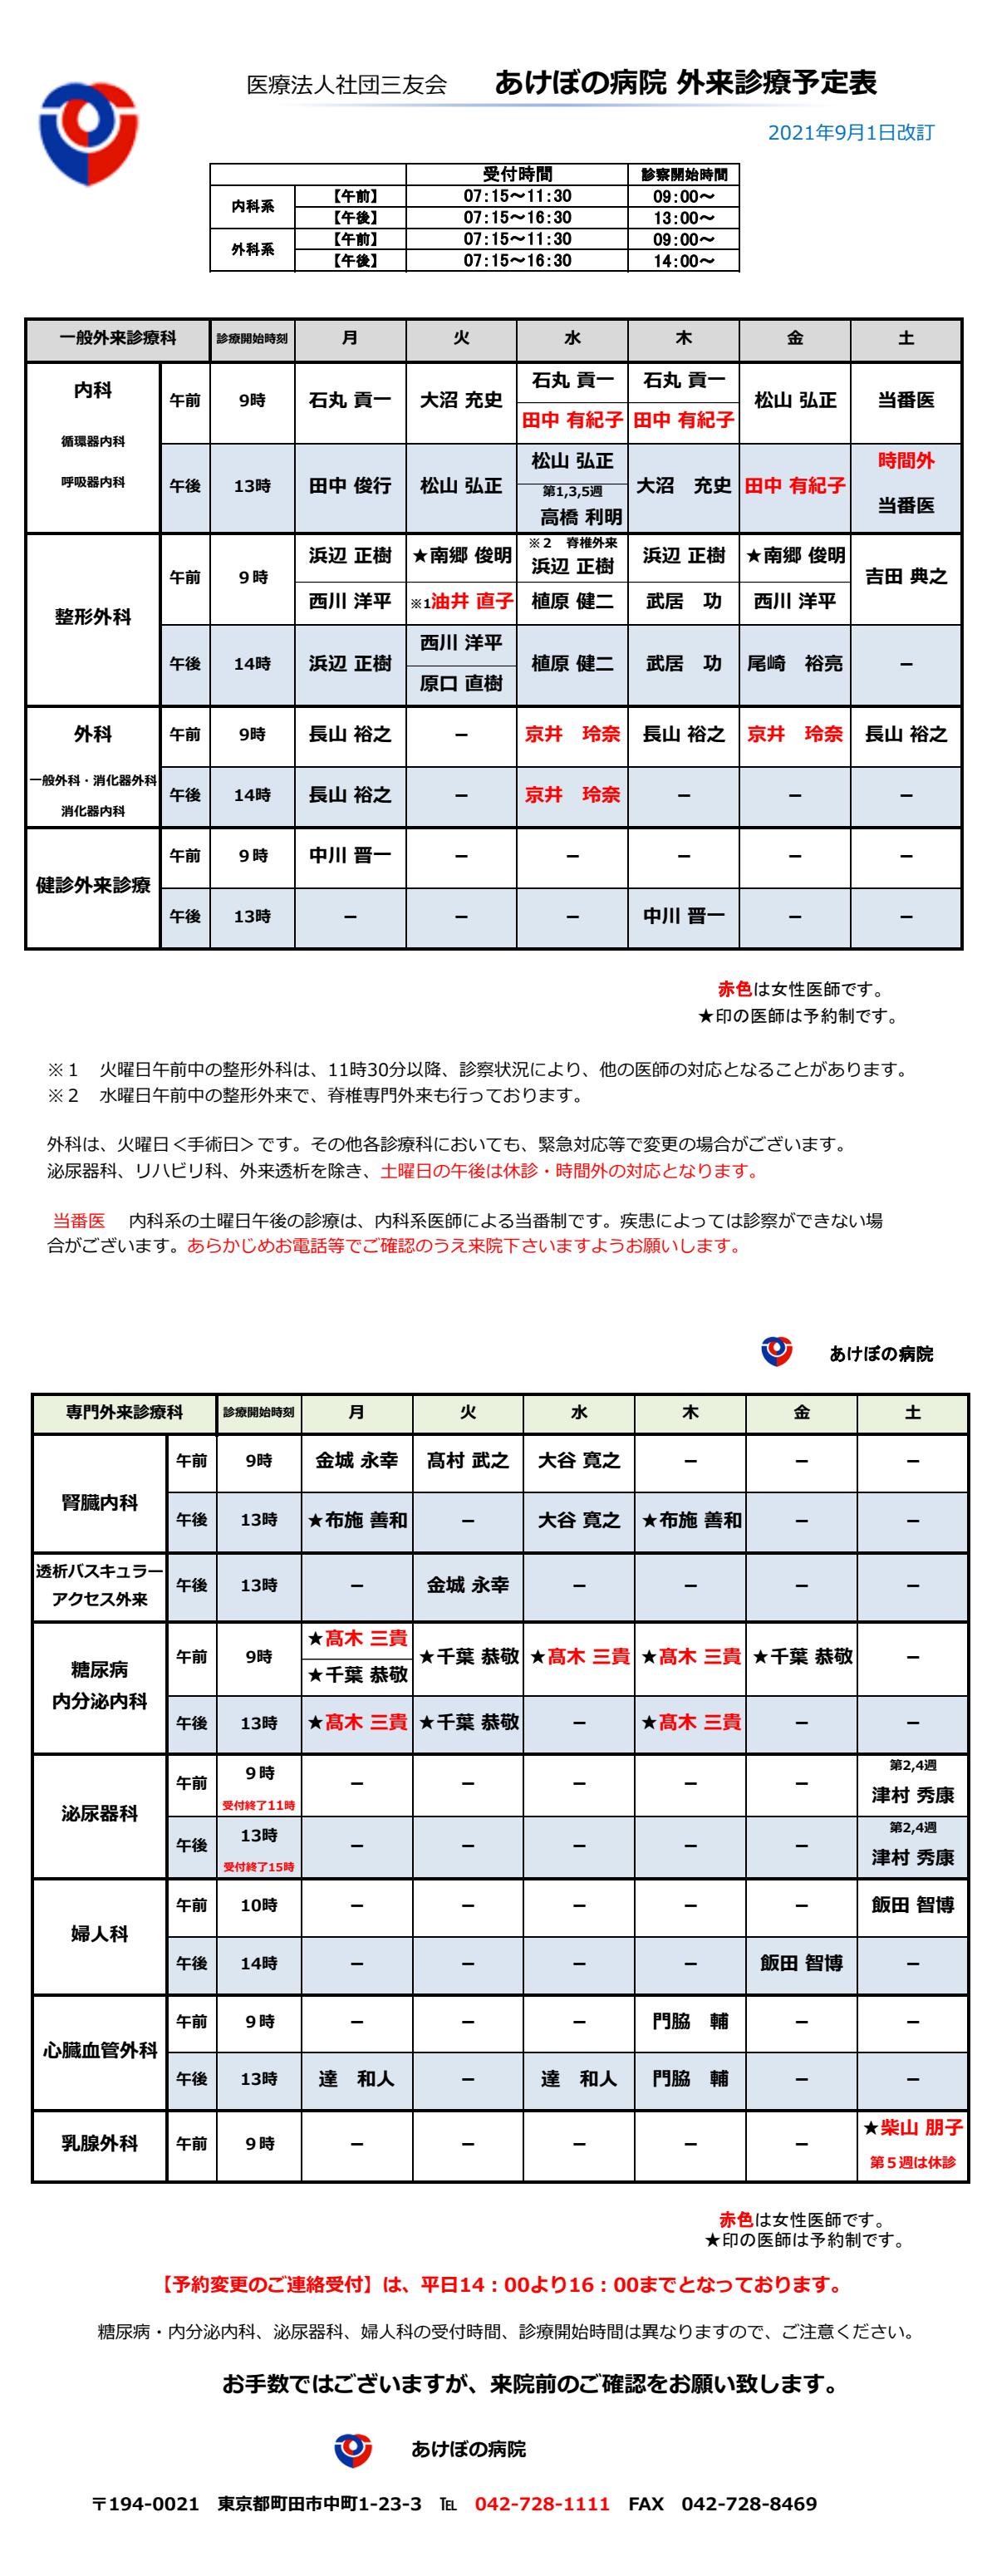 あけぼの病院 外来診療予定表